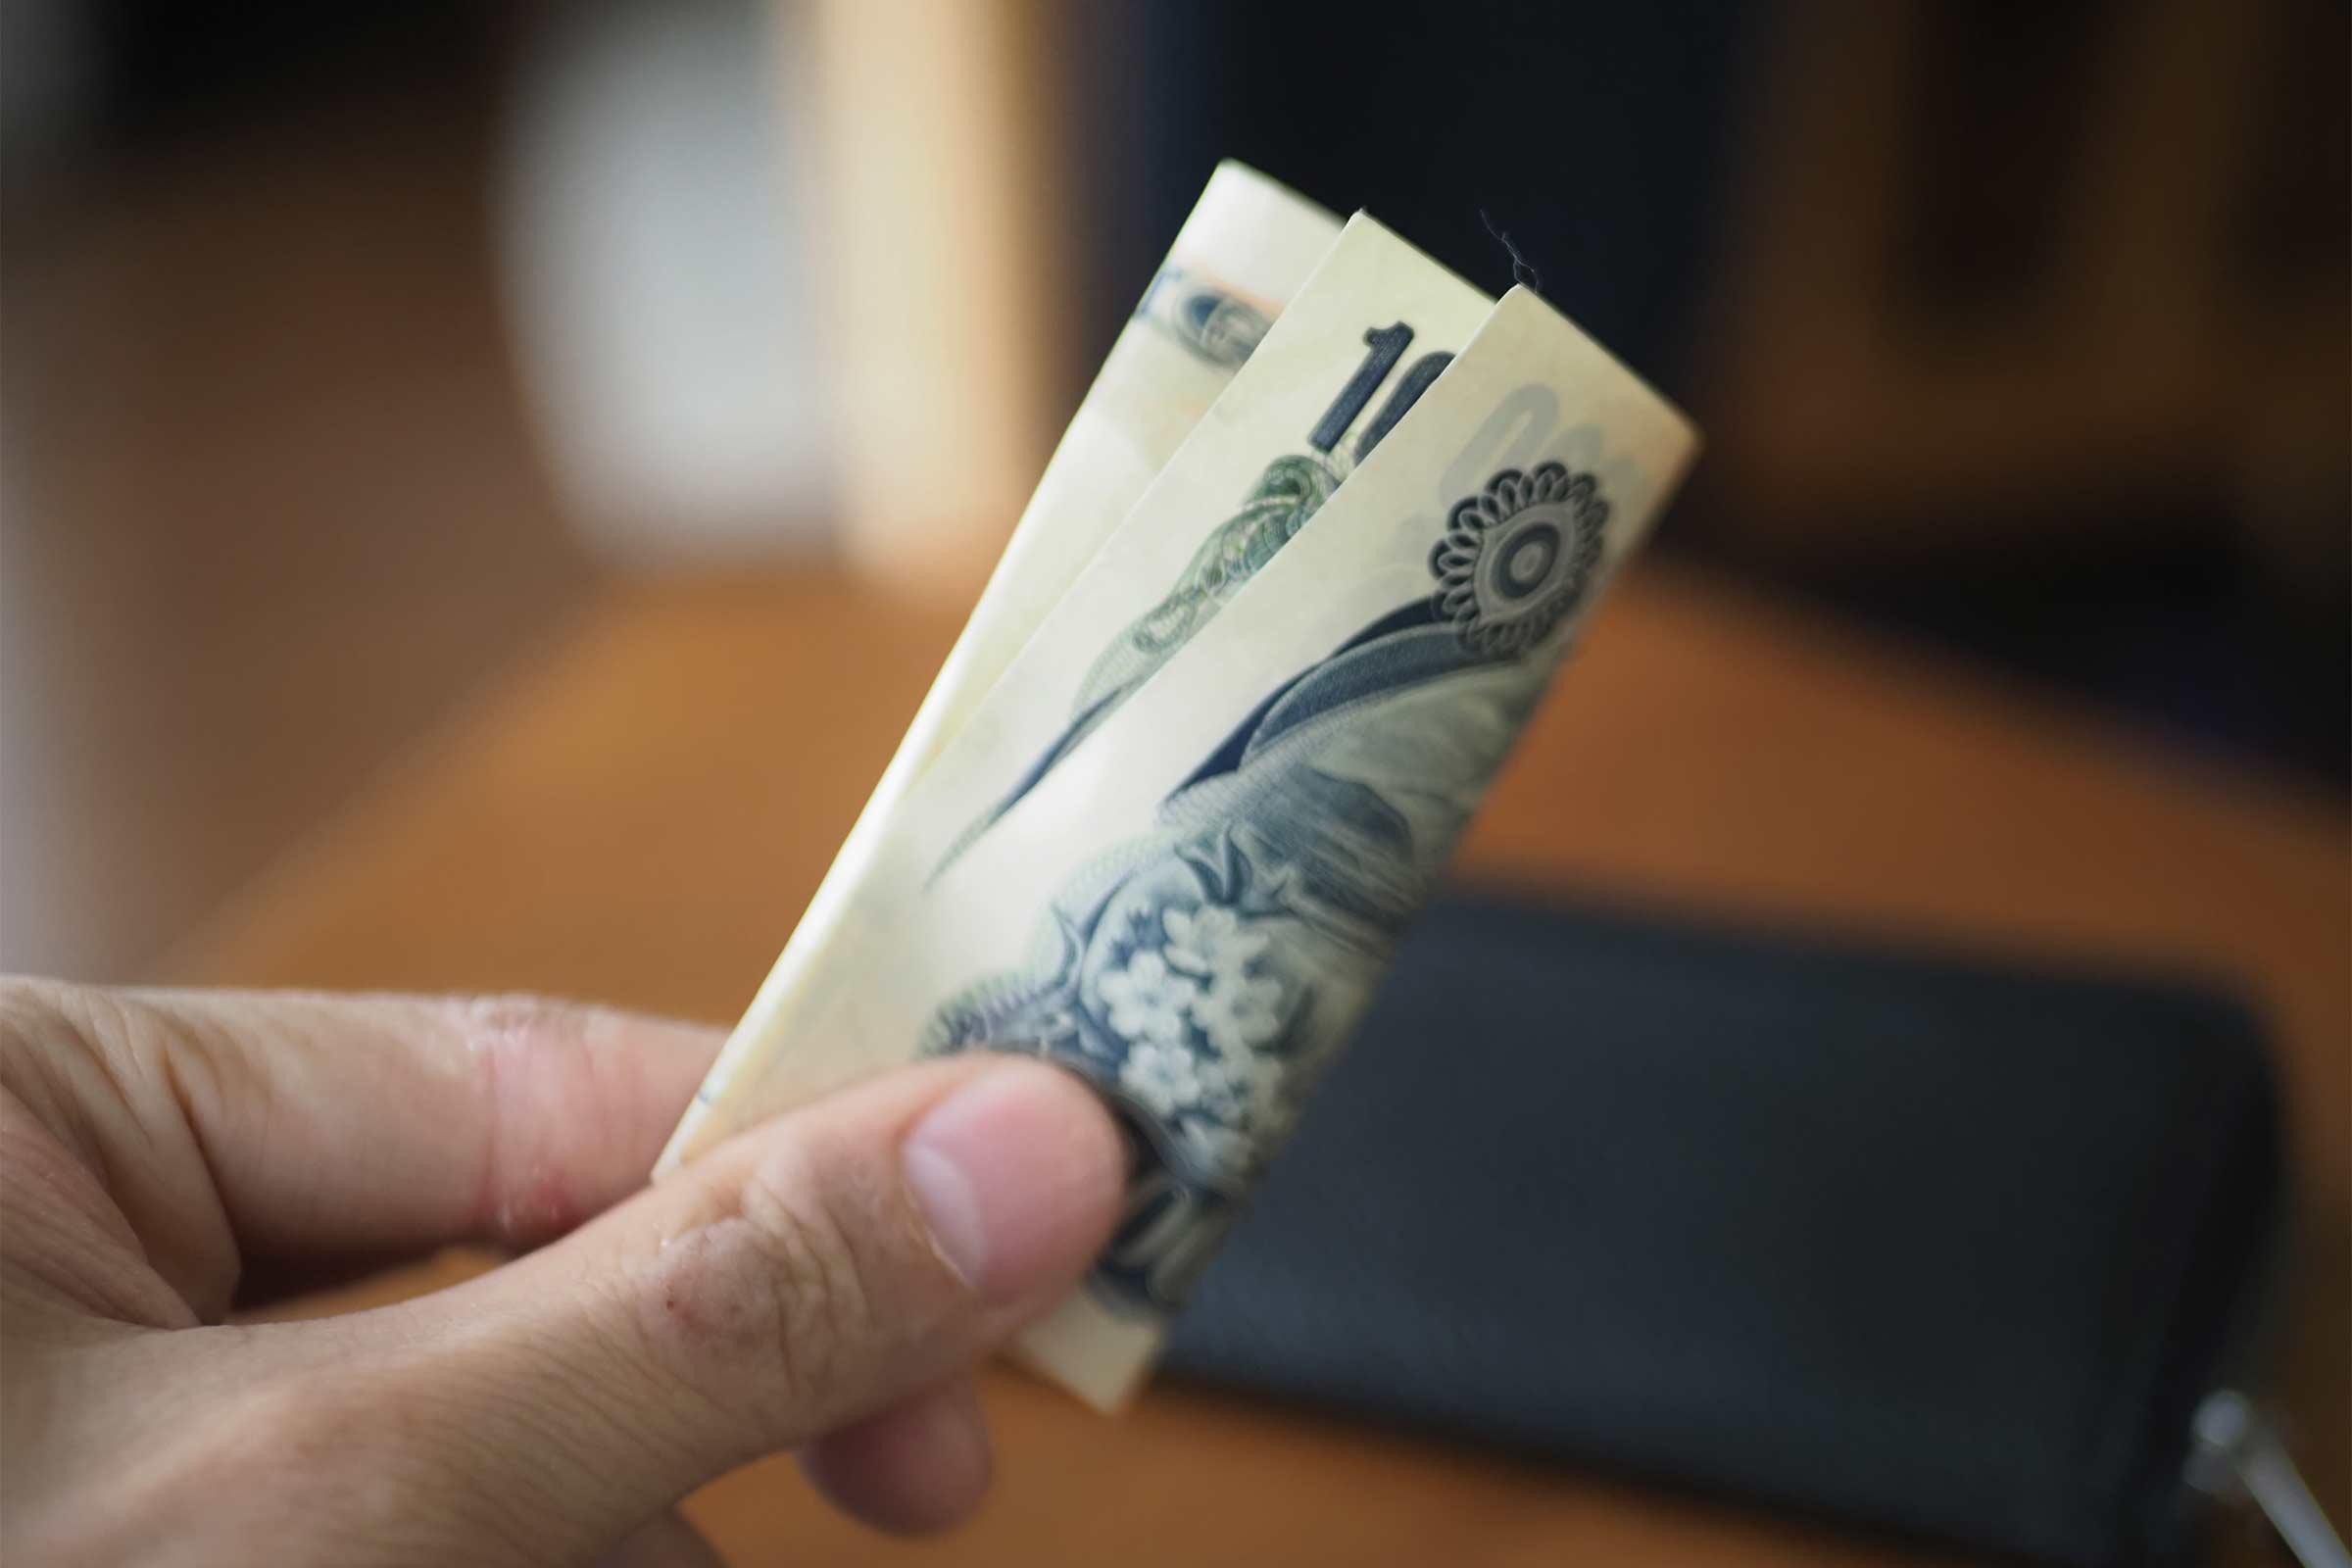 ミニ財布,リスキーモデル,risky,コンパクト,小さい,安い,コスパ,四つ折り